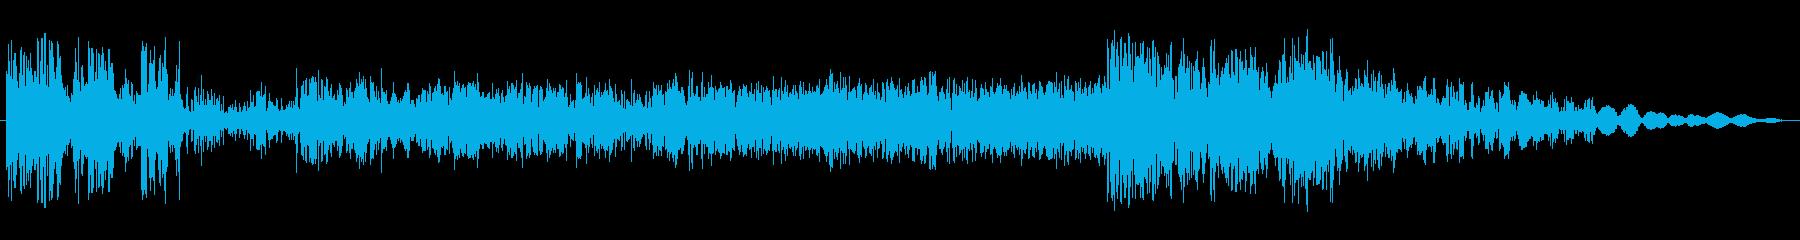 静的干渉スイープ3の再生済みの波形